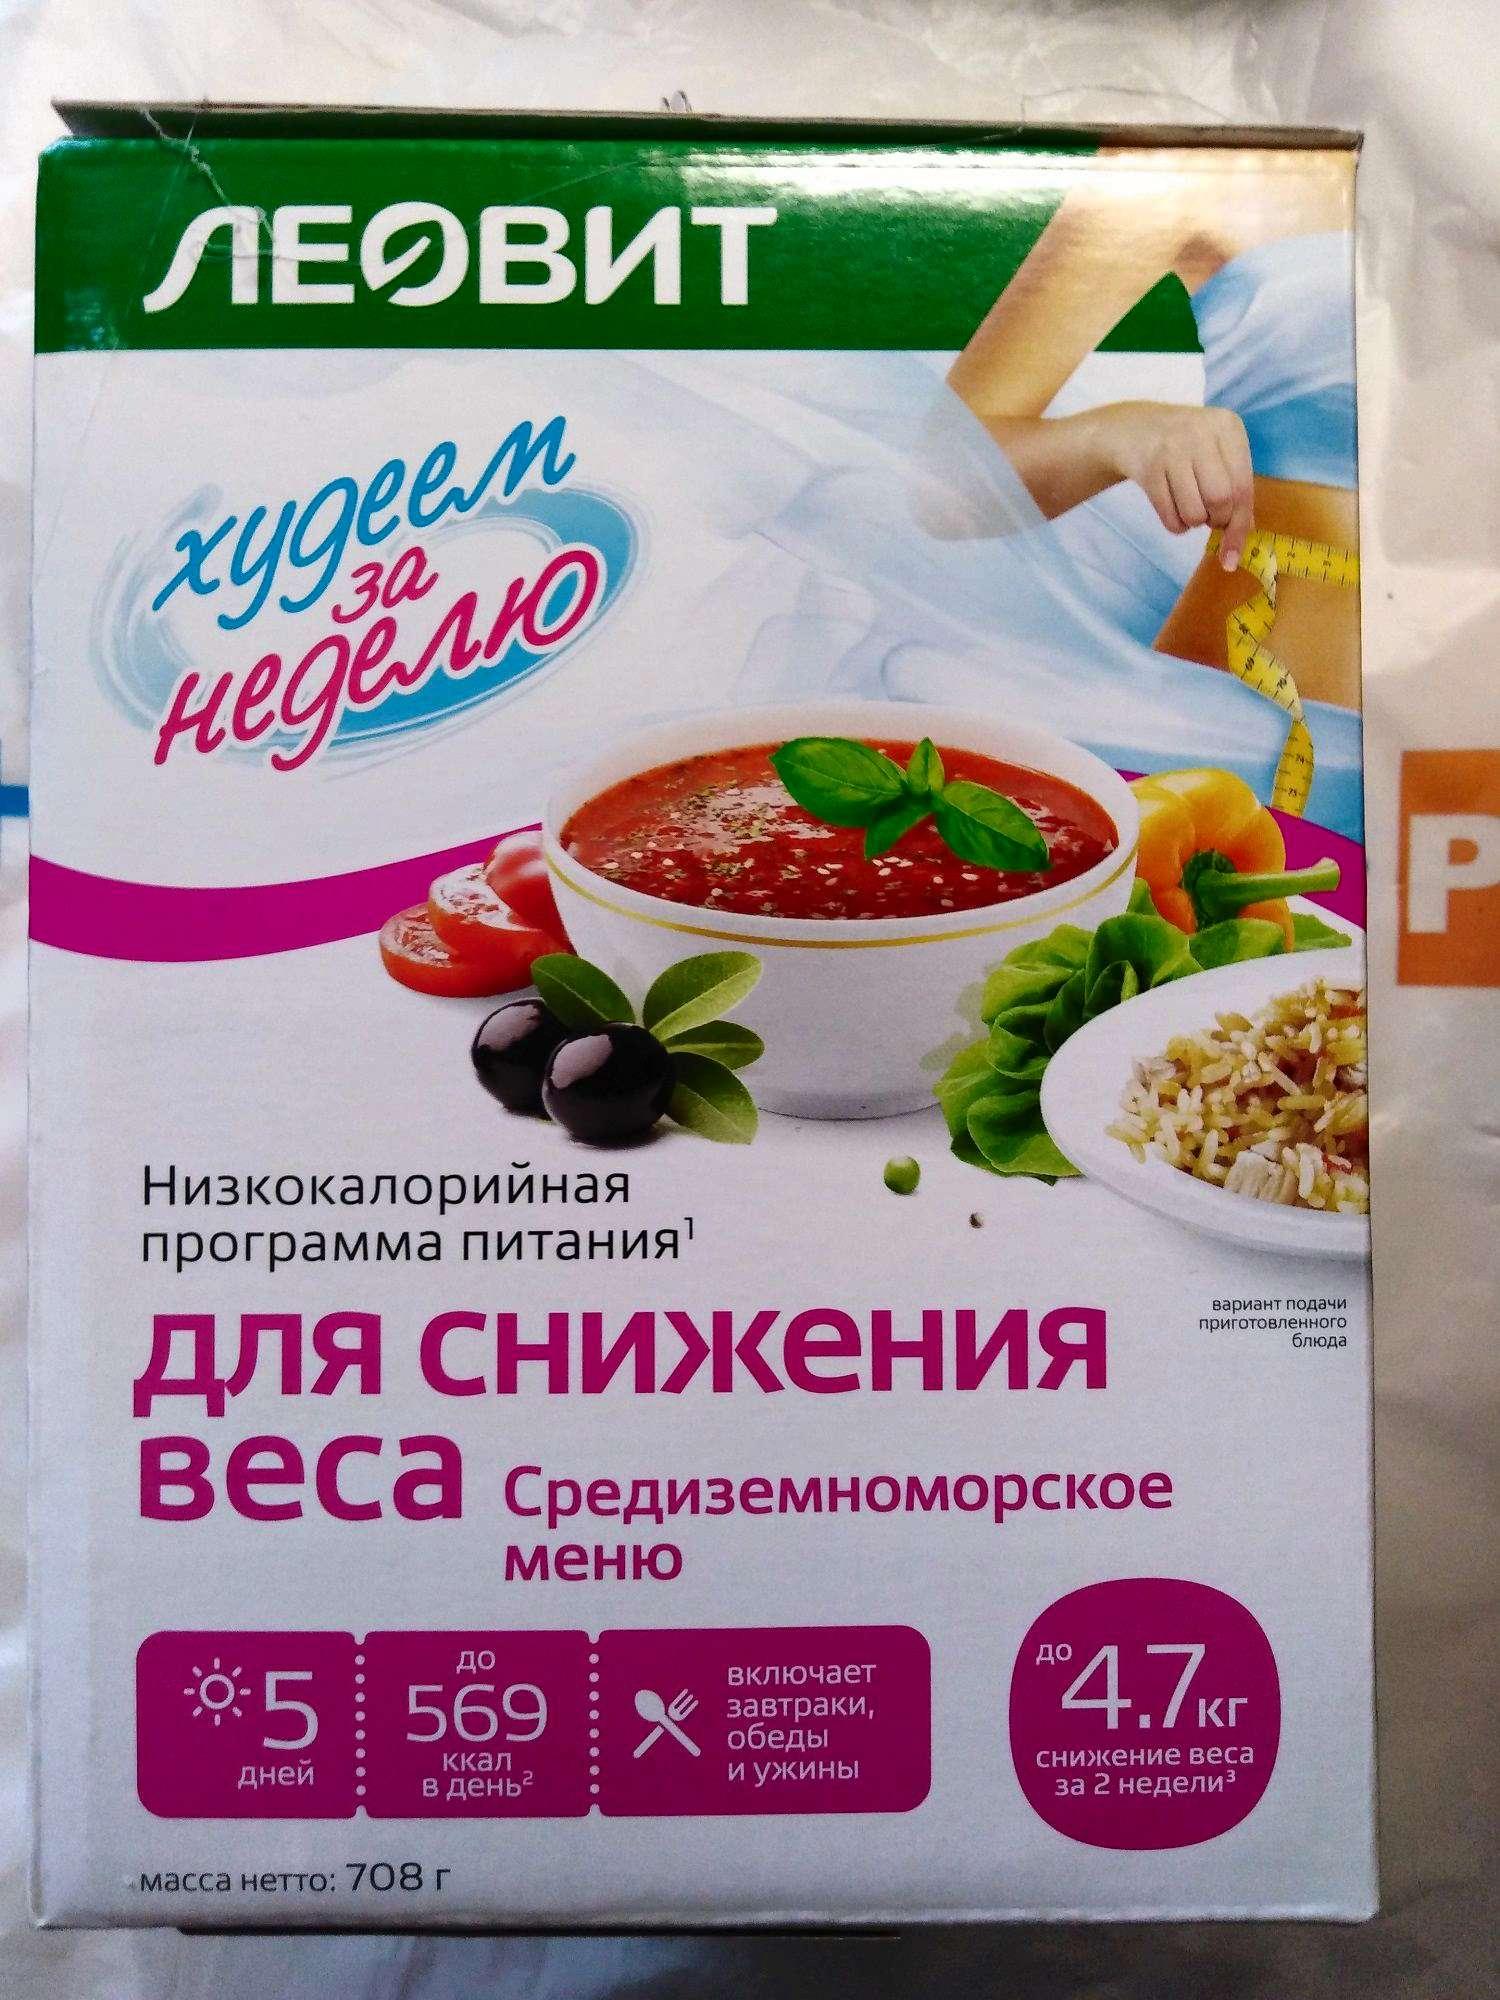 Быстро похудеть программа питания